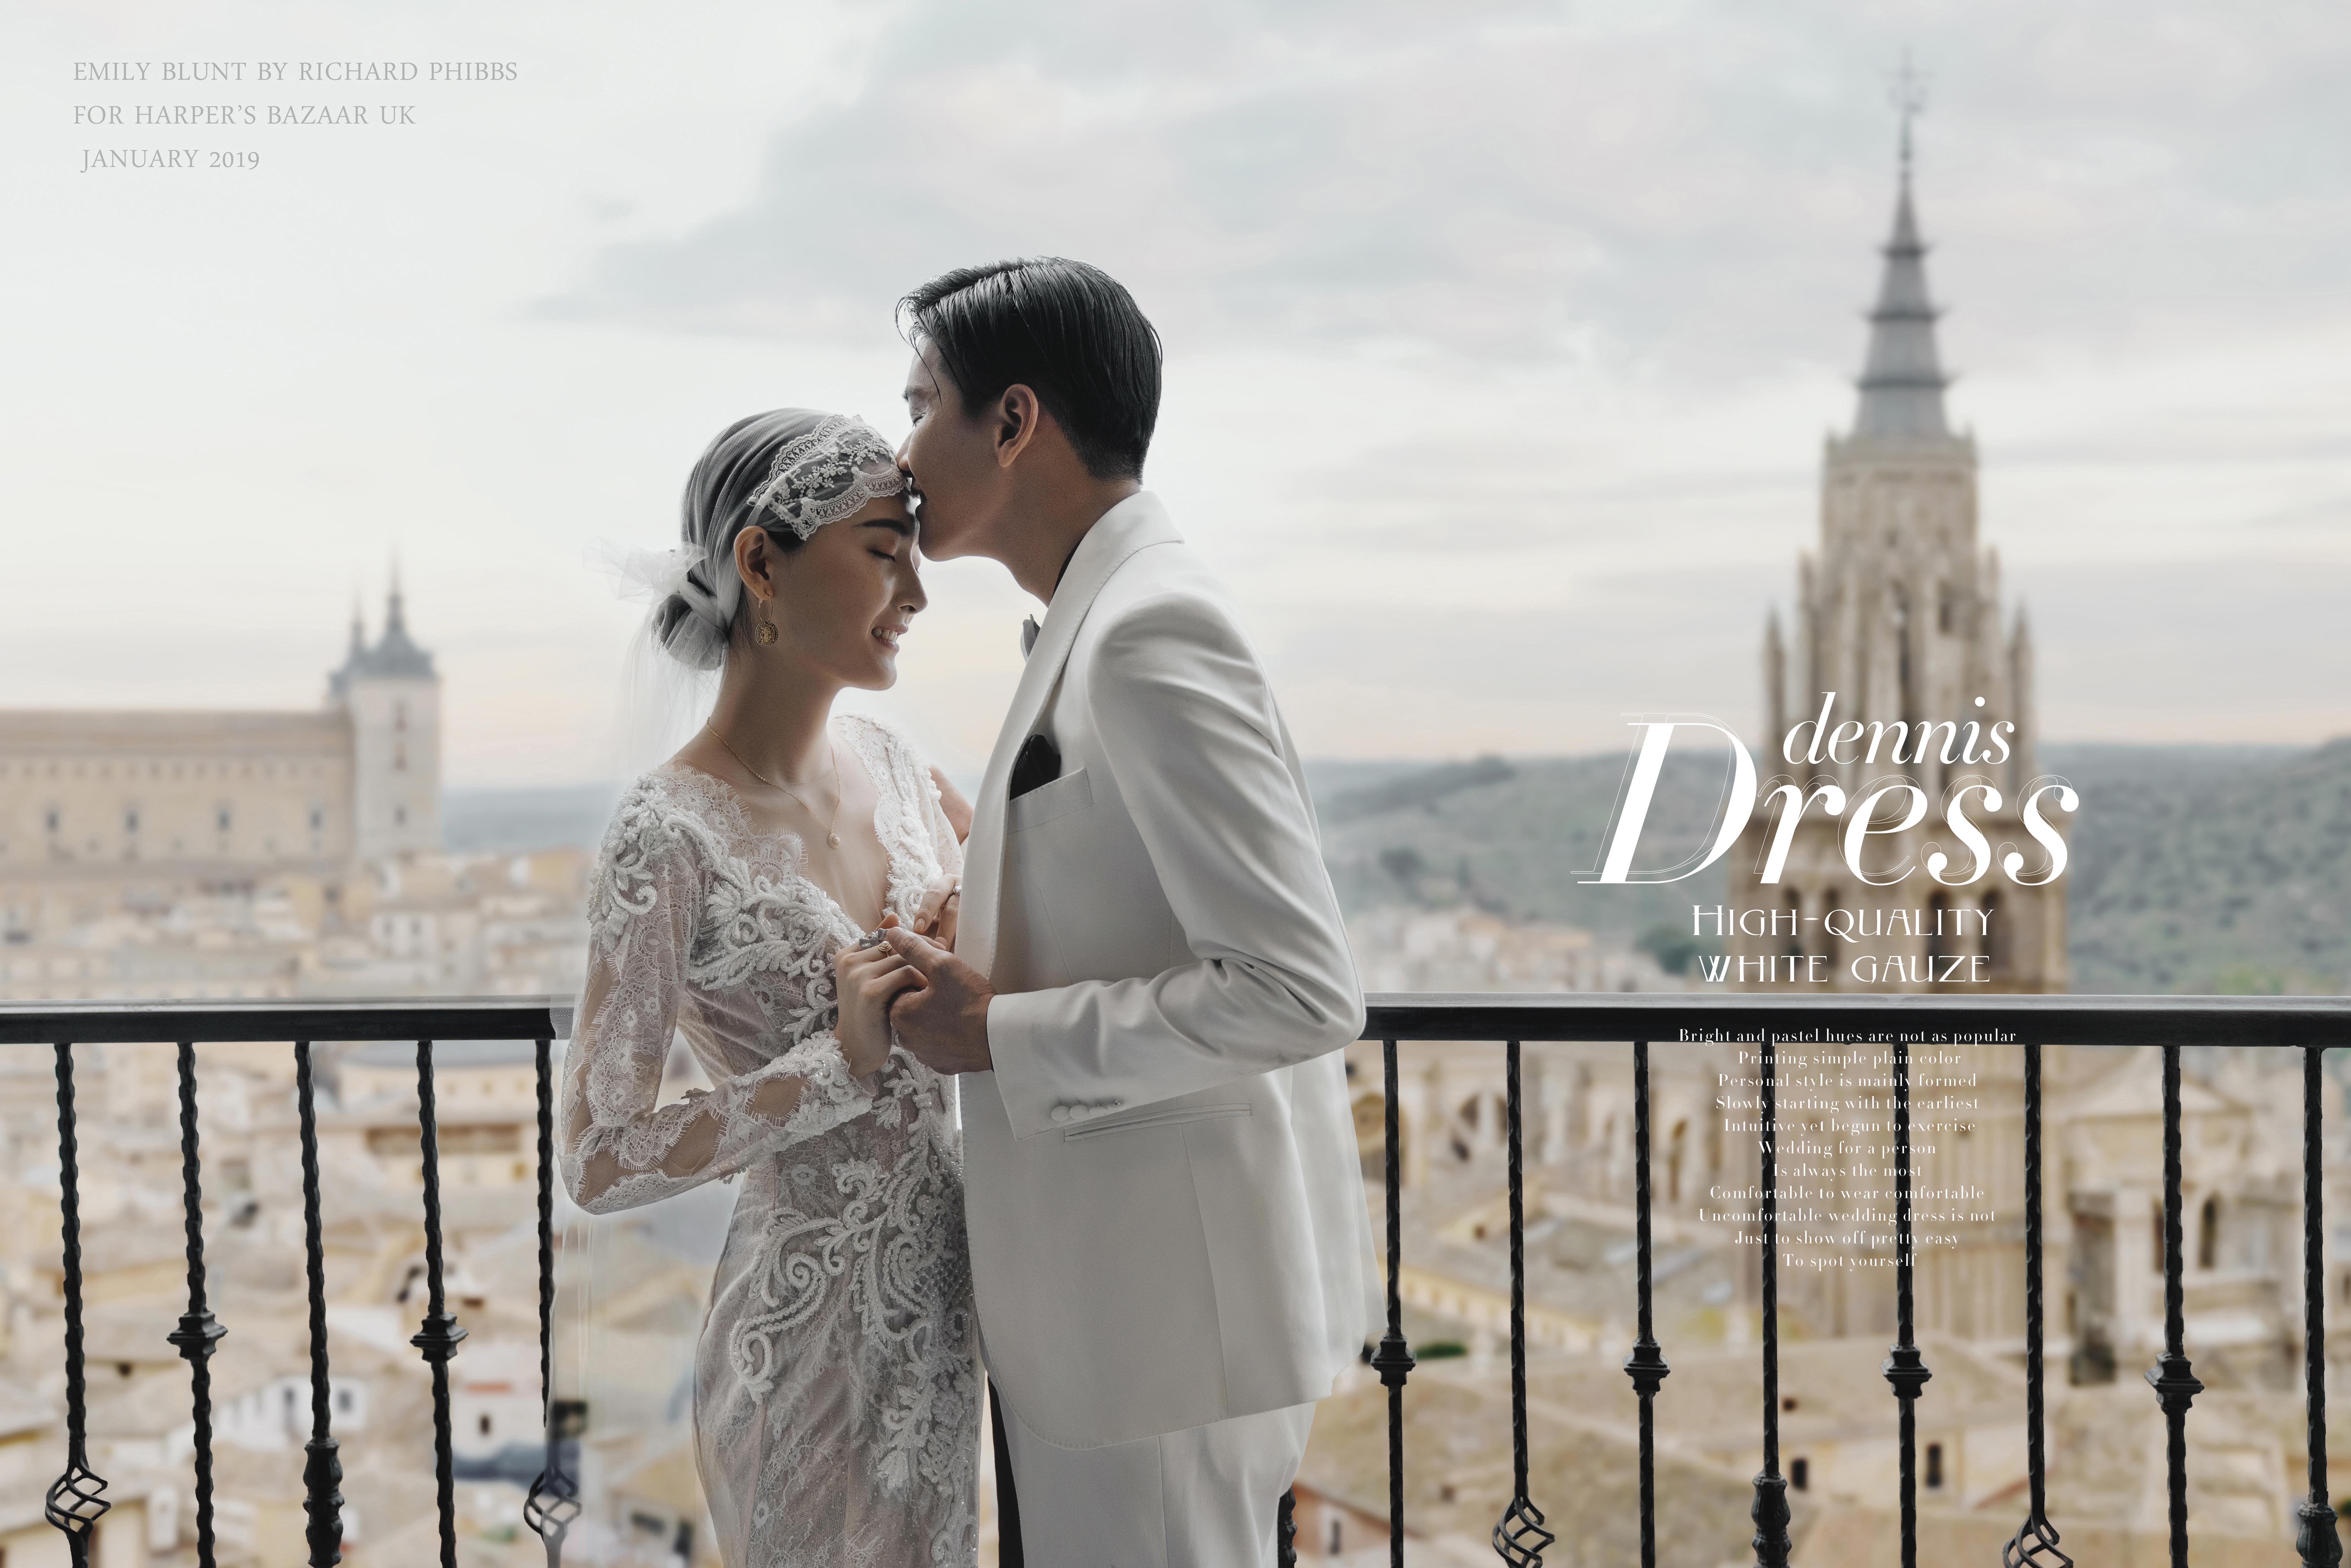 拍套婚纱照多少钱 只拍一张婚纱照要多少钱